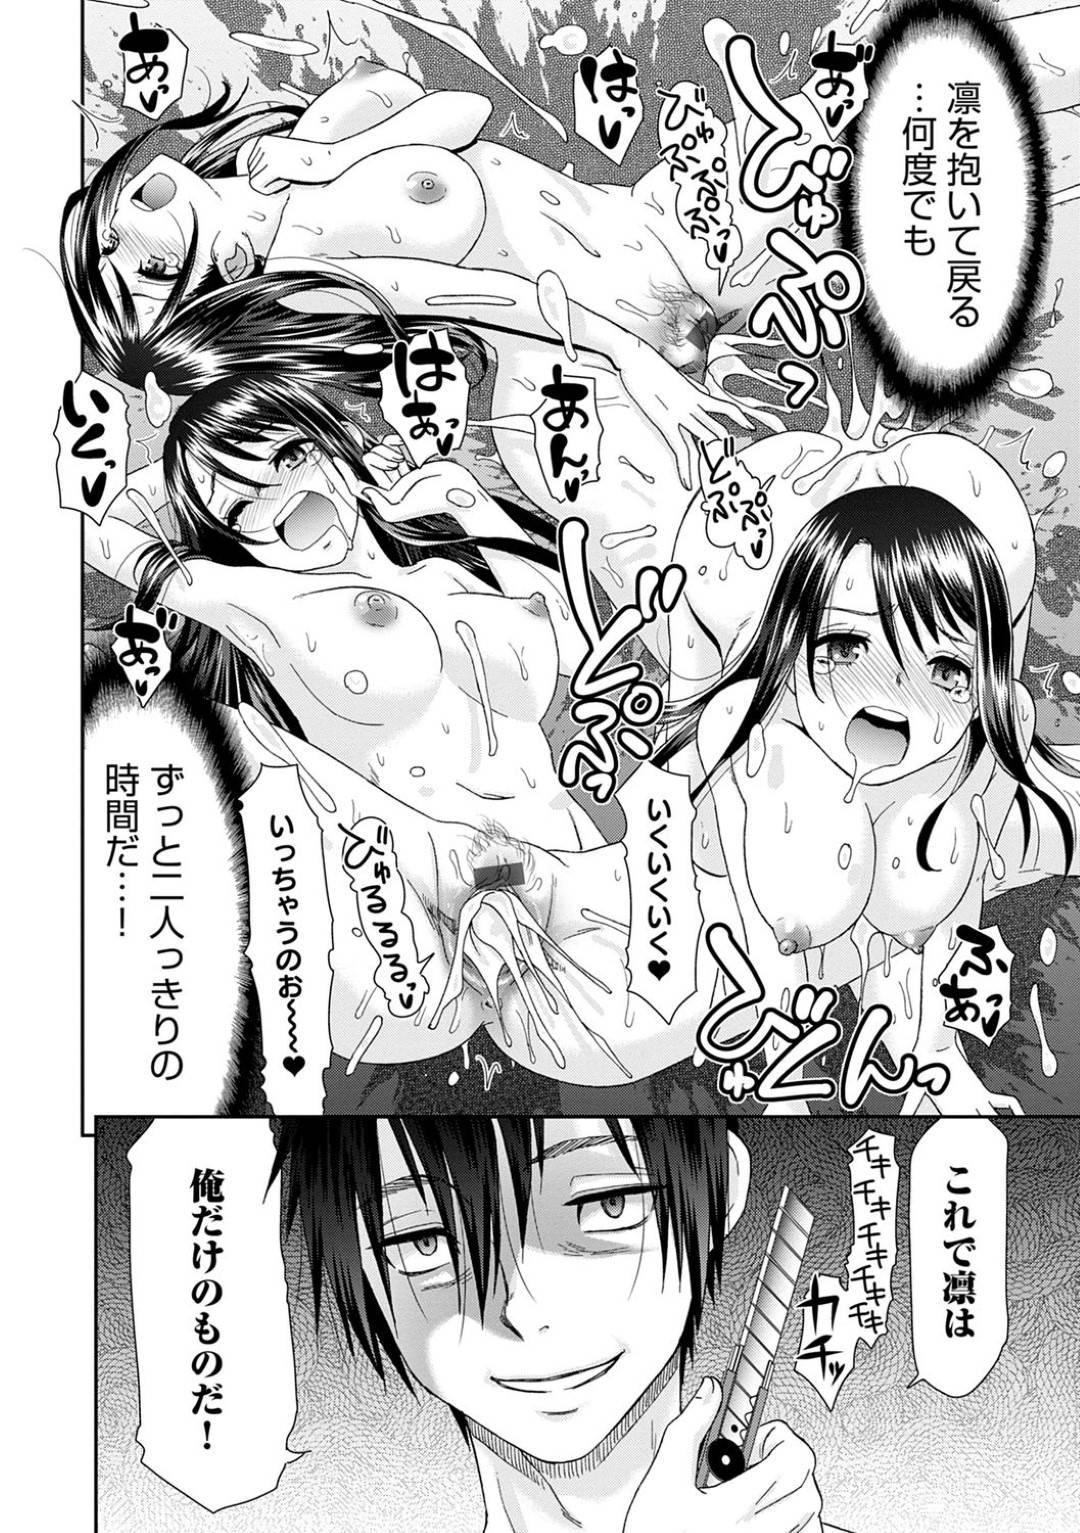 【狂愛エロ漫画】浩太は彼女と初エッチした日にタイムループすると、生ハメセックスで処女を奪う。すると浩太は自ら命を絶ち何度も同じ時間を繰り返す【桃之助】